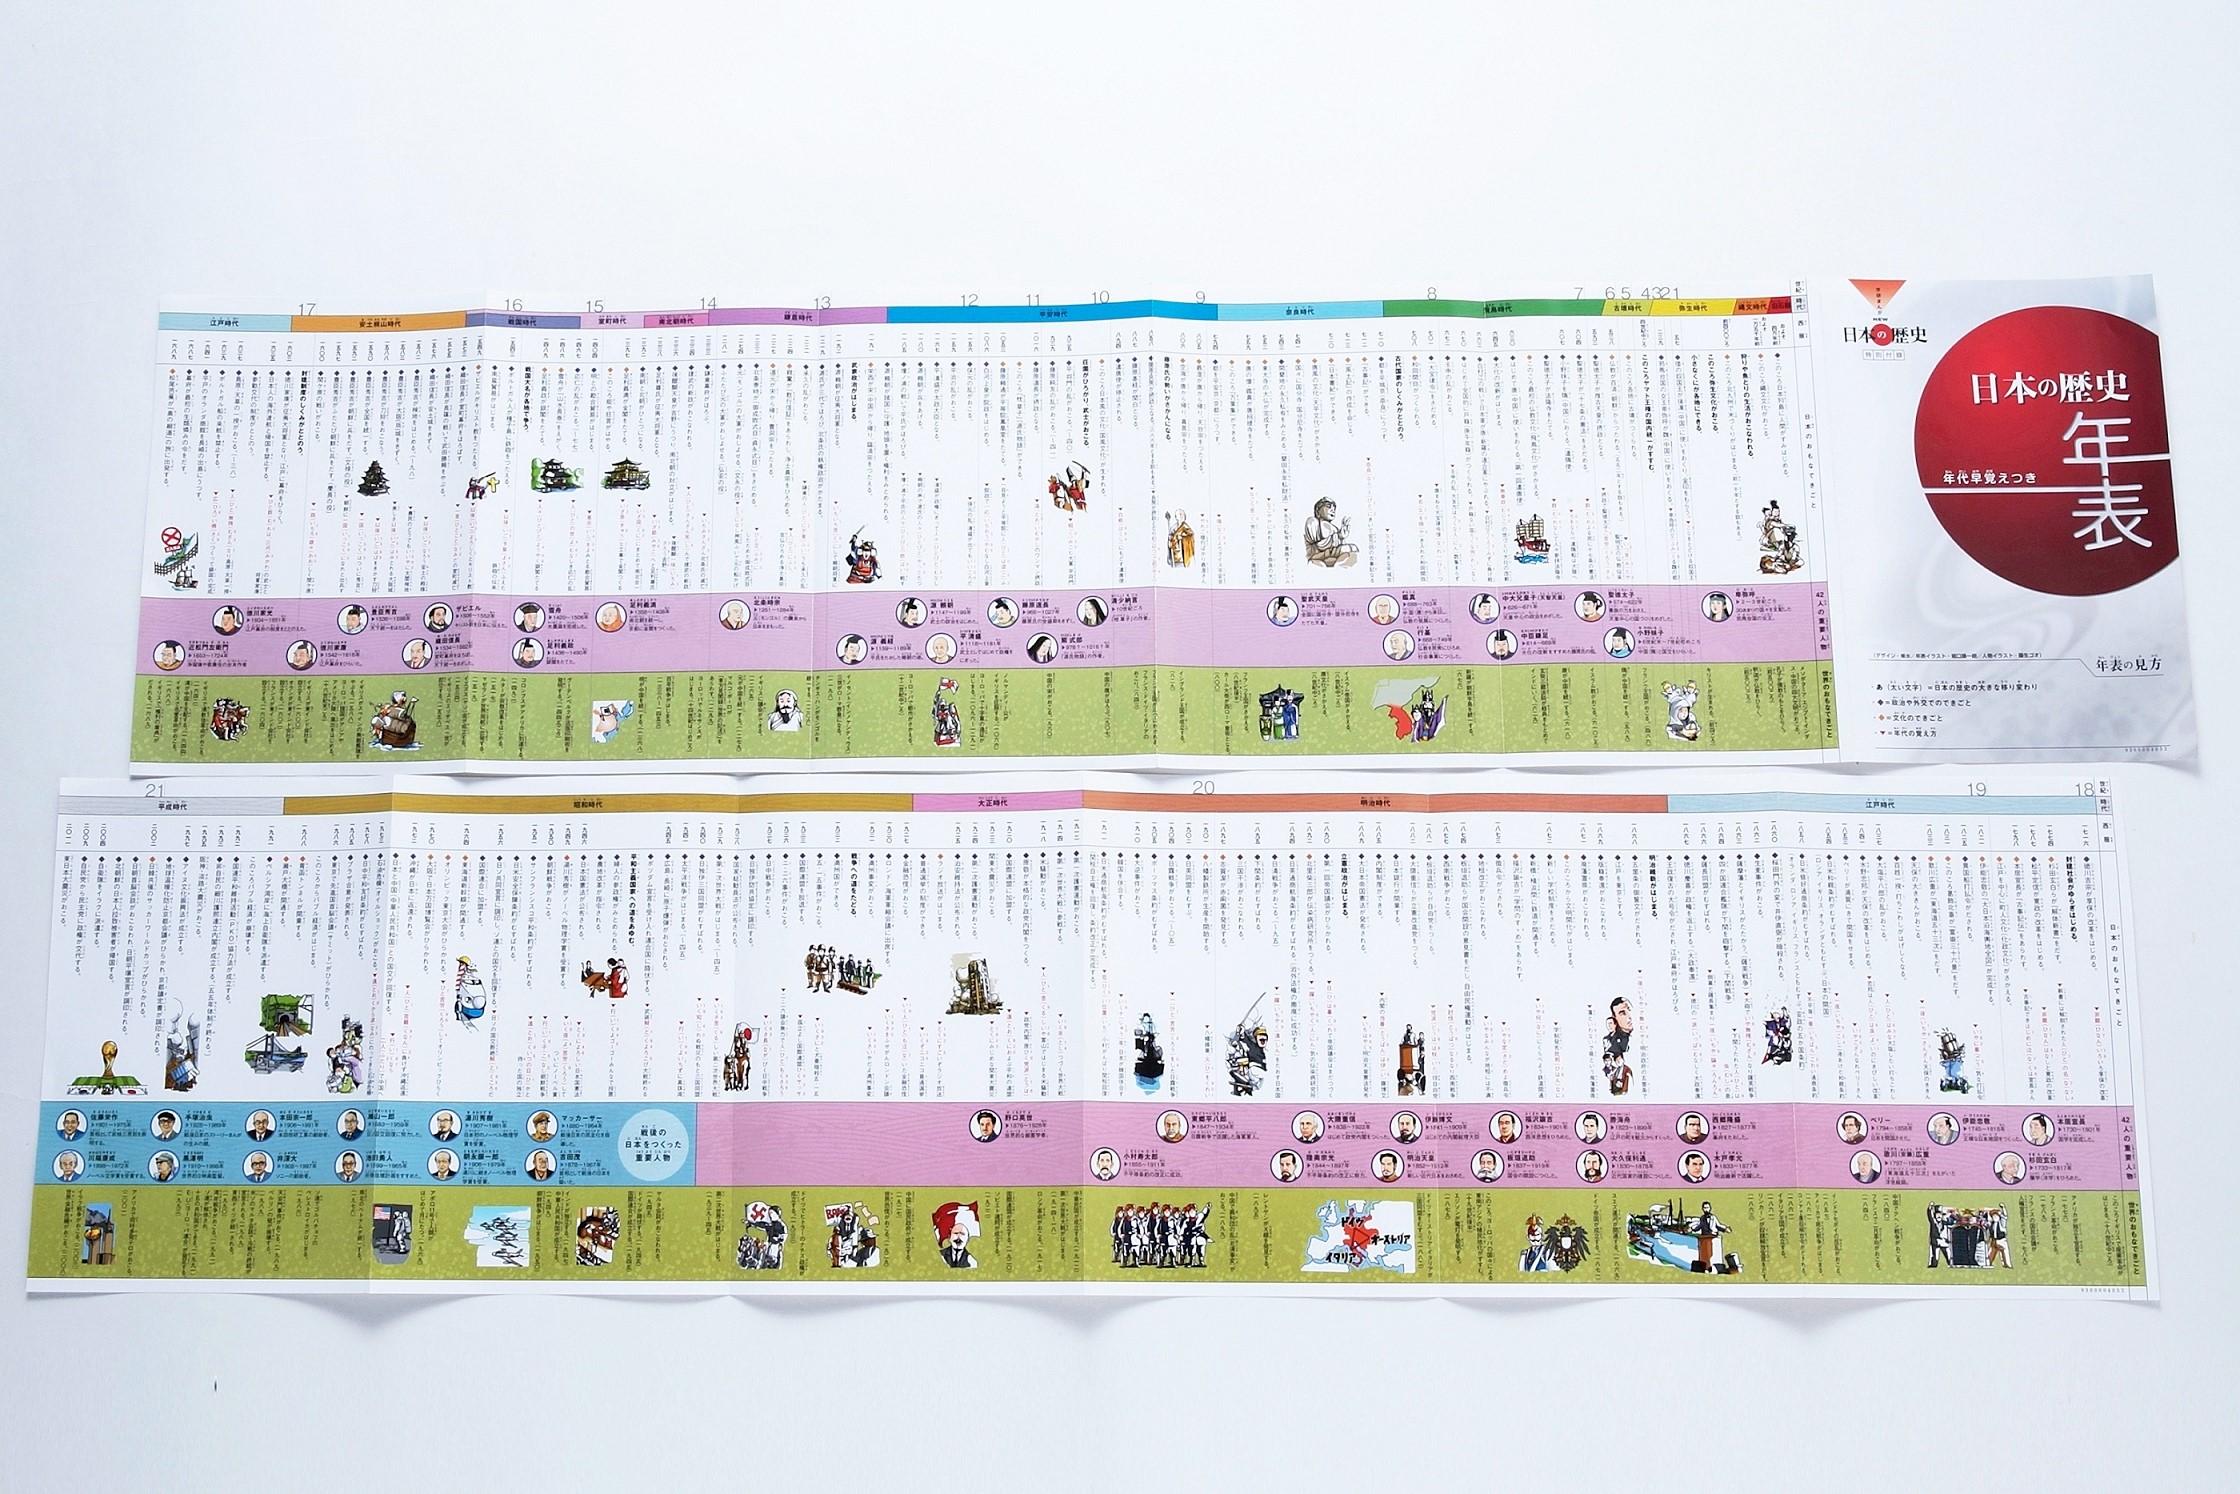 「日本の歴史年表」画像